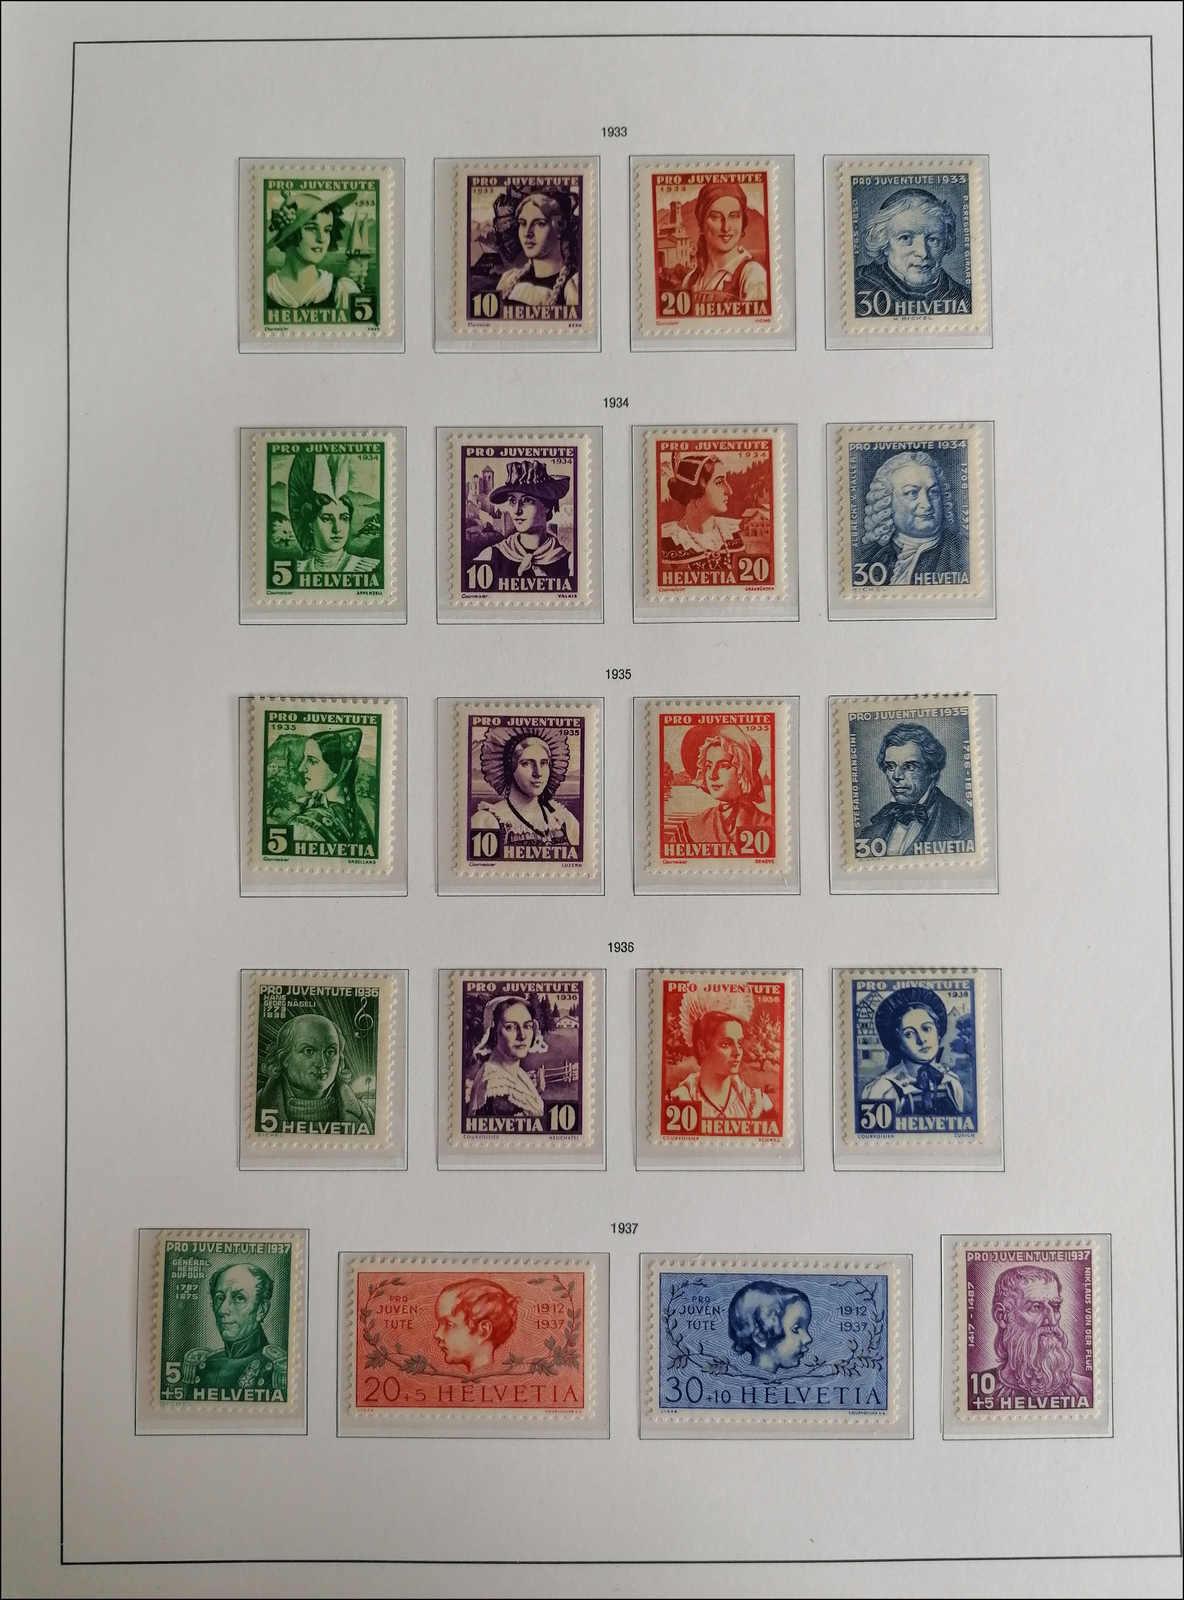 Lot 194 - schweiz schweiz pro juventute -  Rolli Auctions Auction #68 Day 1